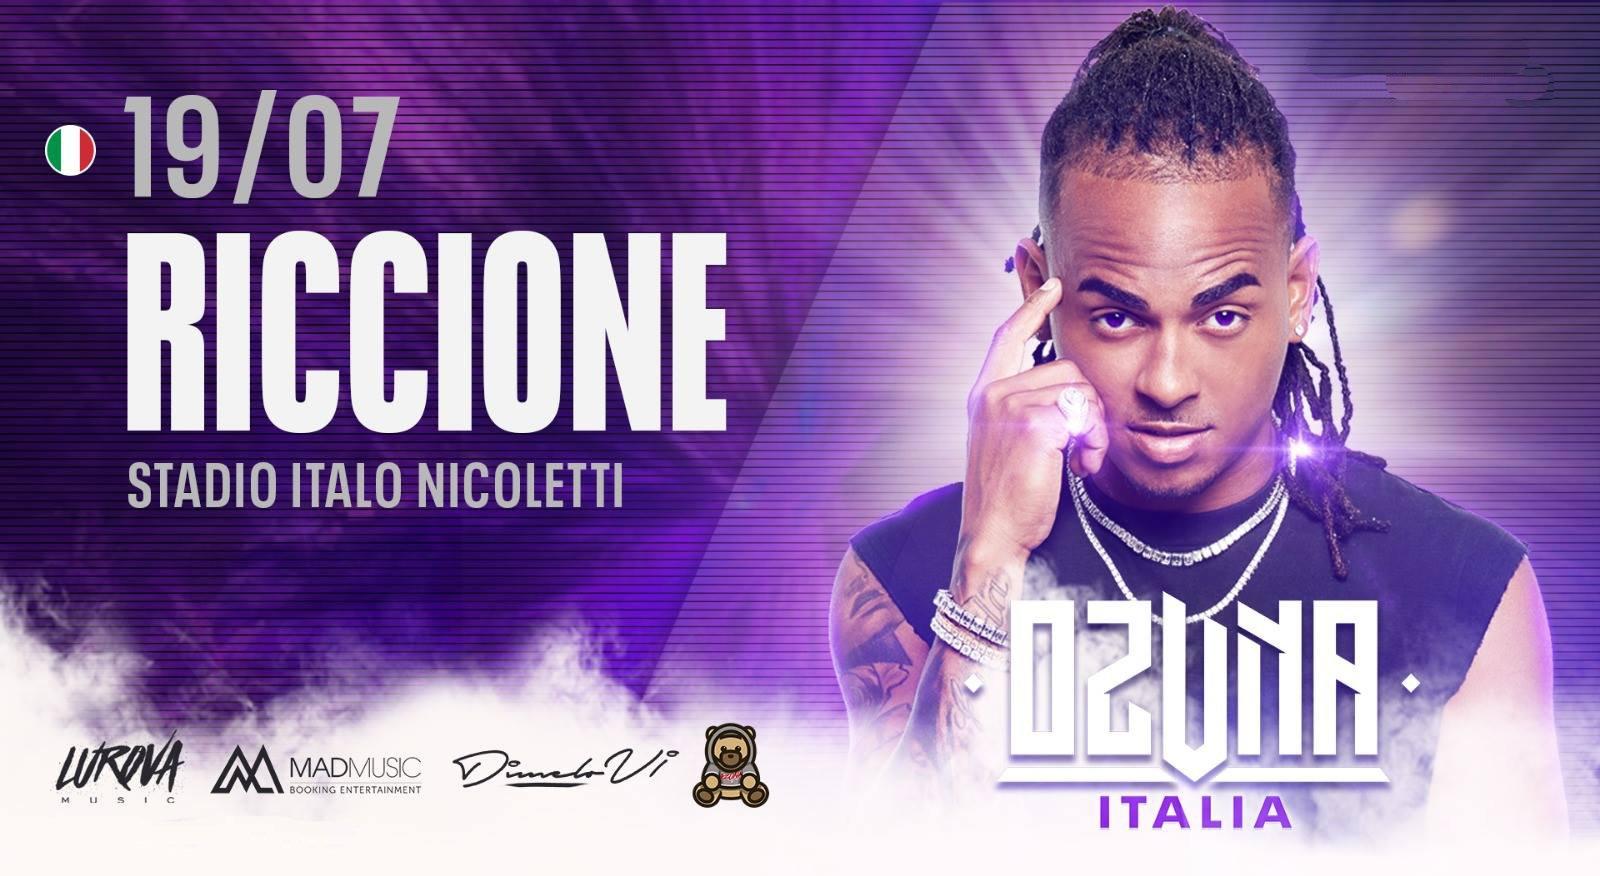 Ozuna Riccione Stadio Italo Nicoletti 19 Luglio 2019